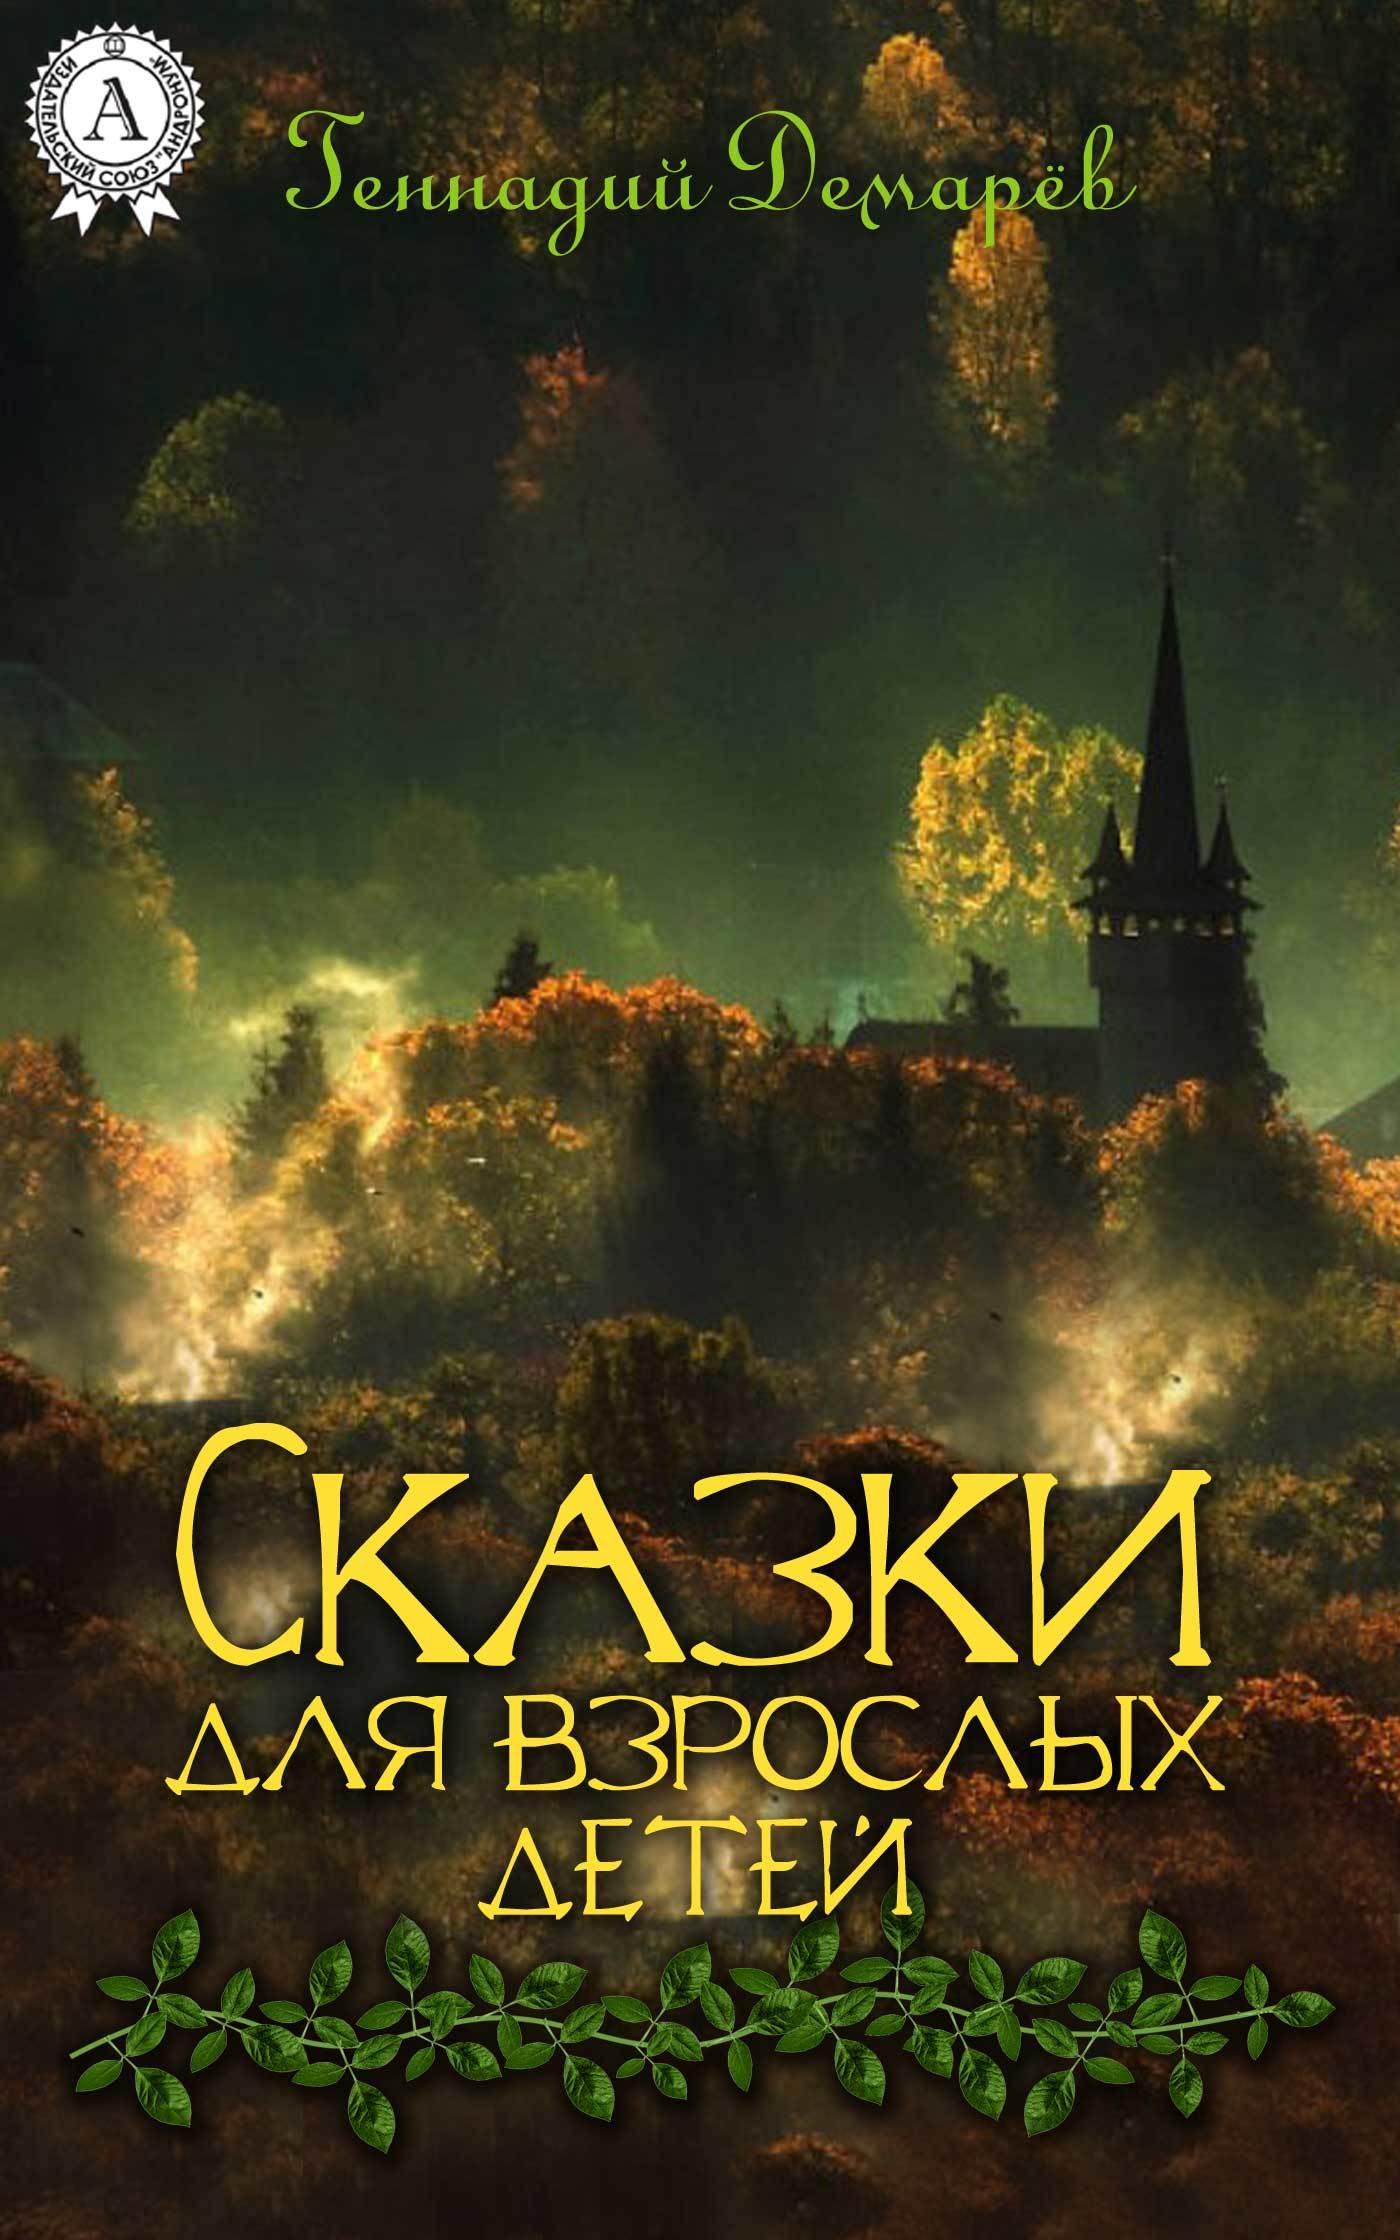 Геннадий Демарев Сказки для взрослых детей